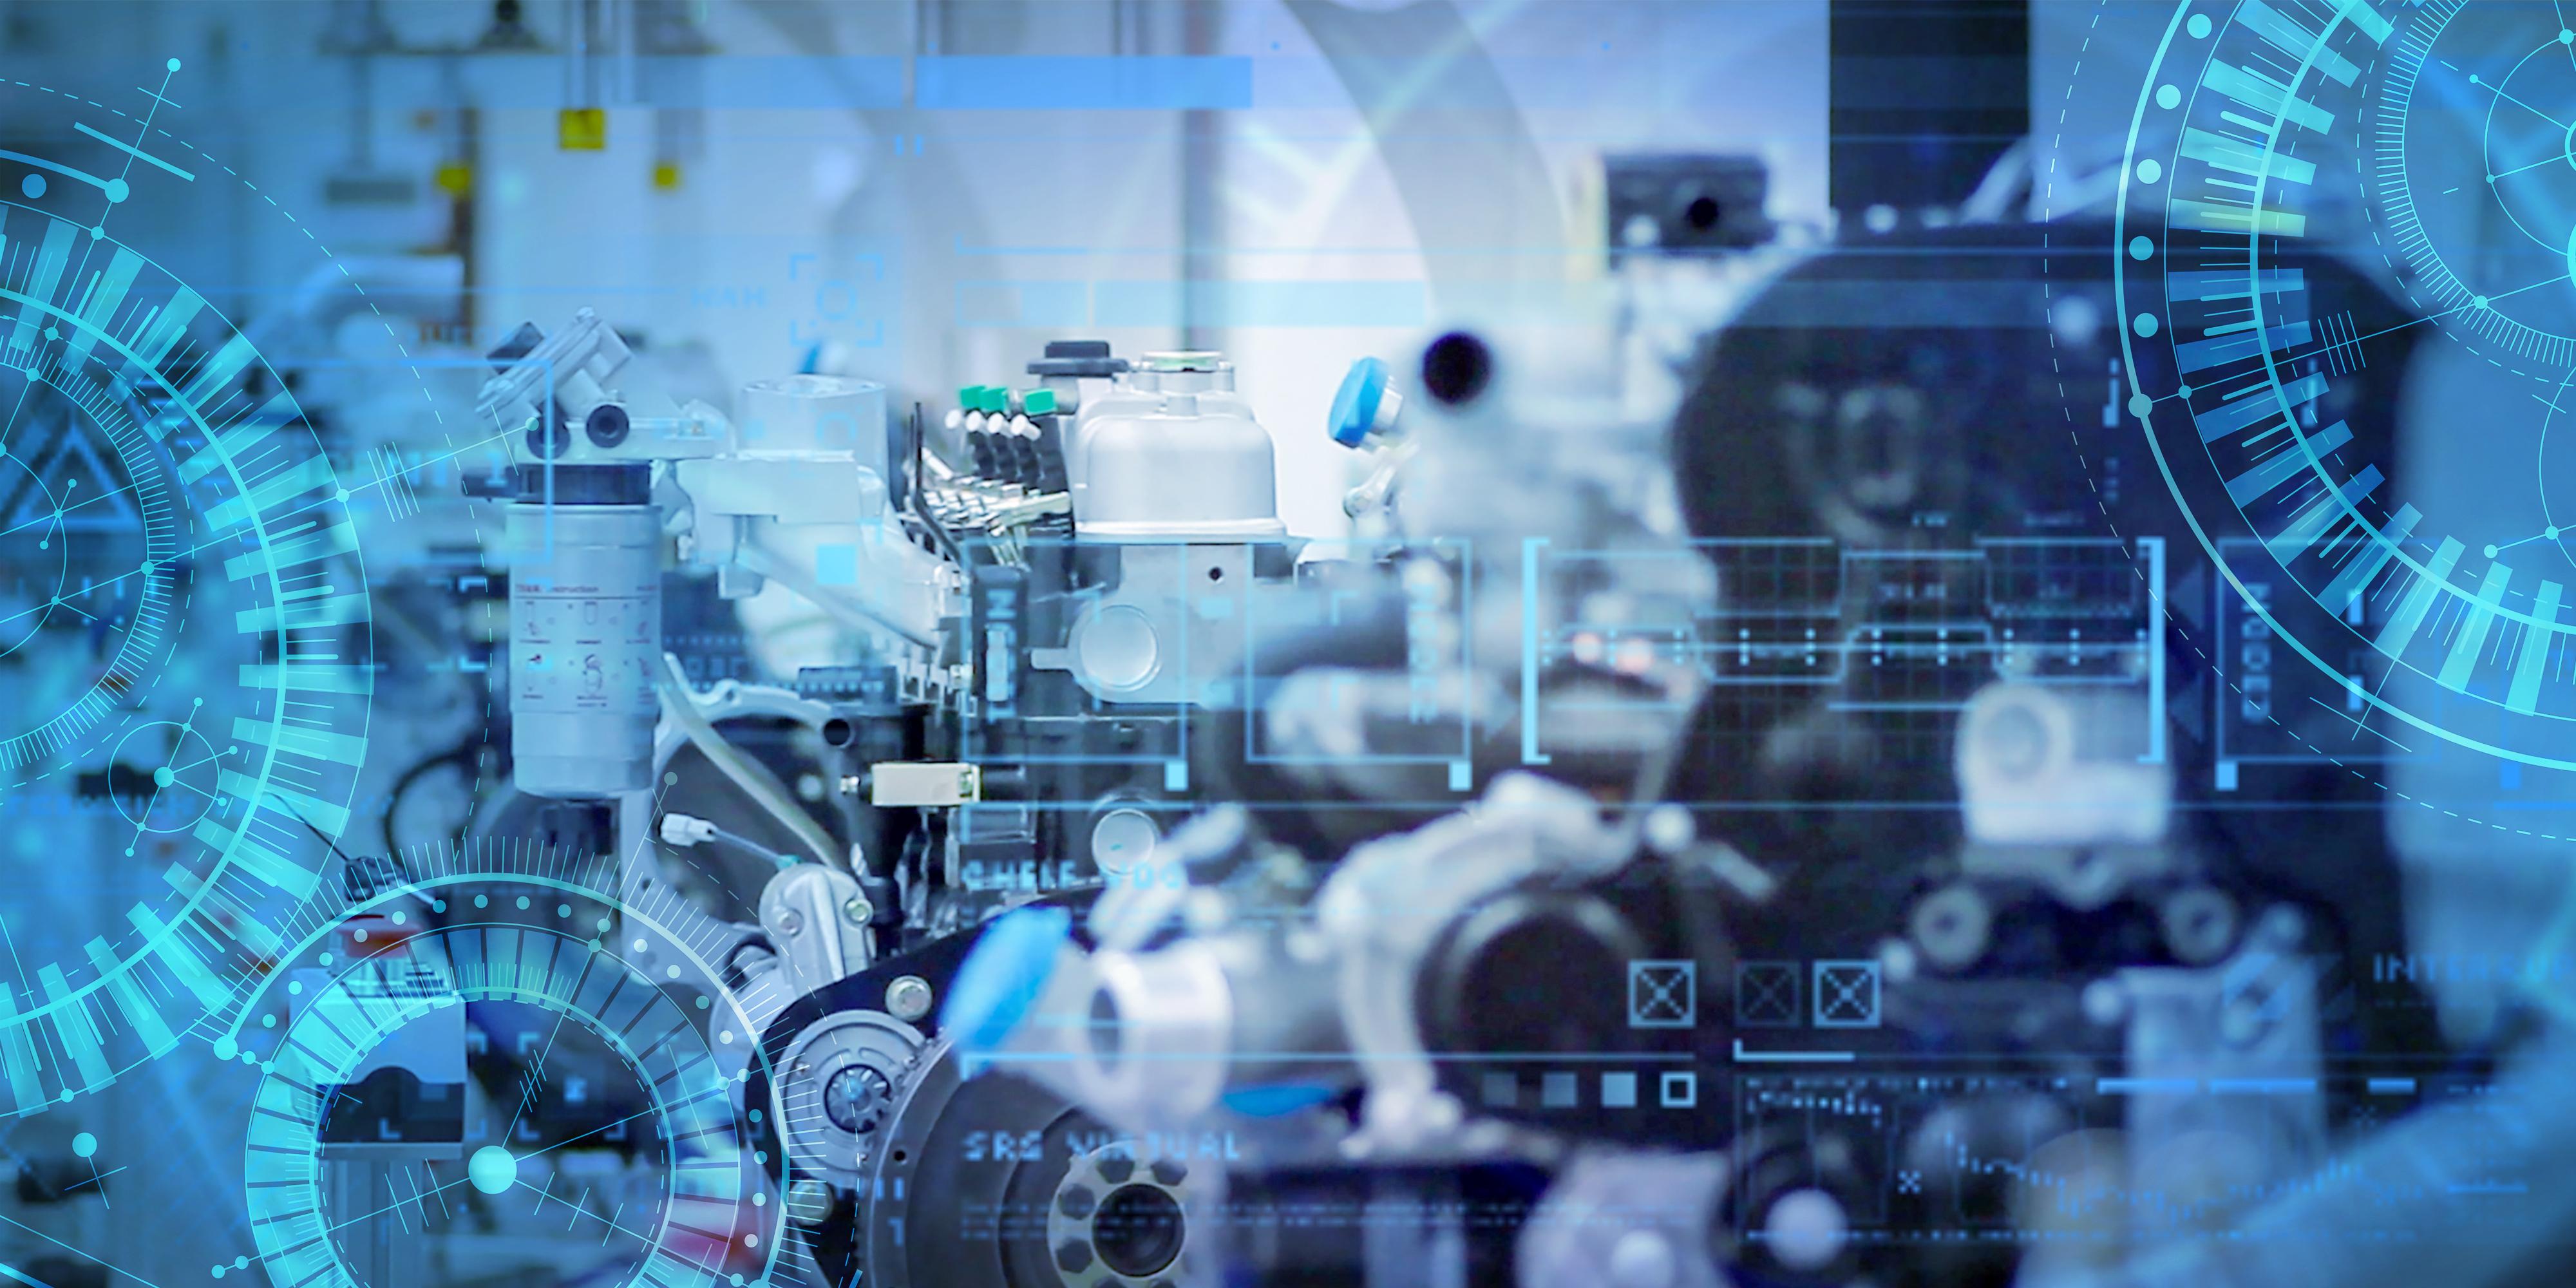 制造业迎来数智化升级浪潮,电子签约智能管理成为趋势